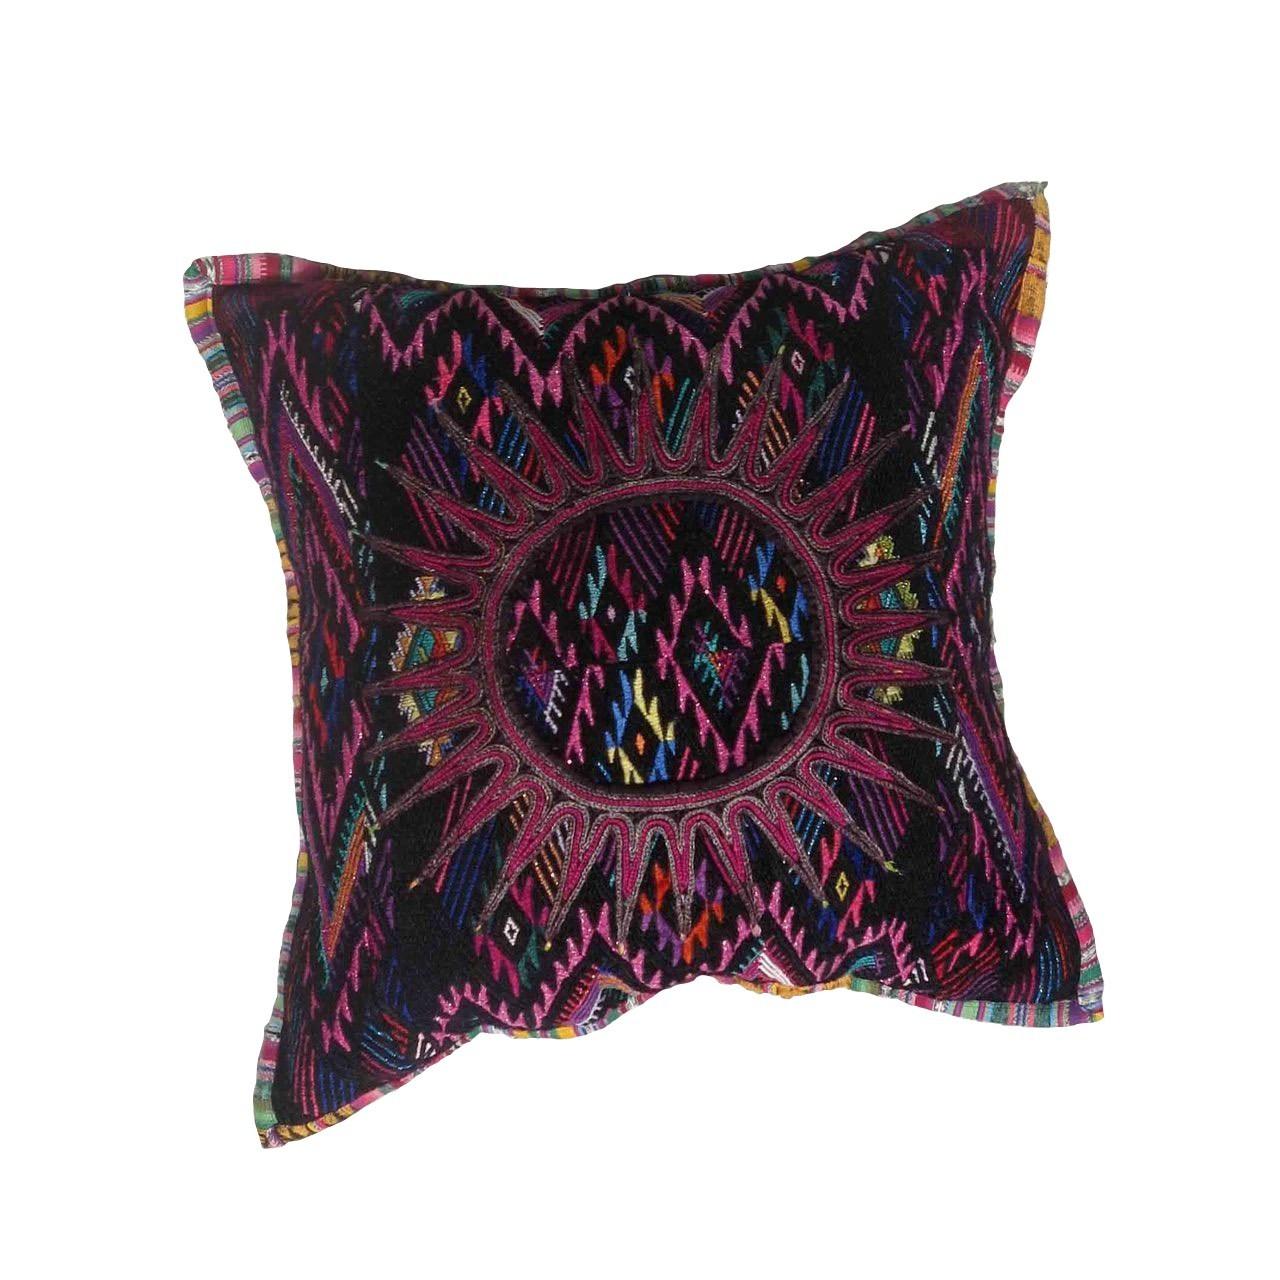 cushion6_LR__36344.1527654410.1280.1280